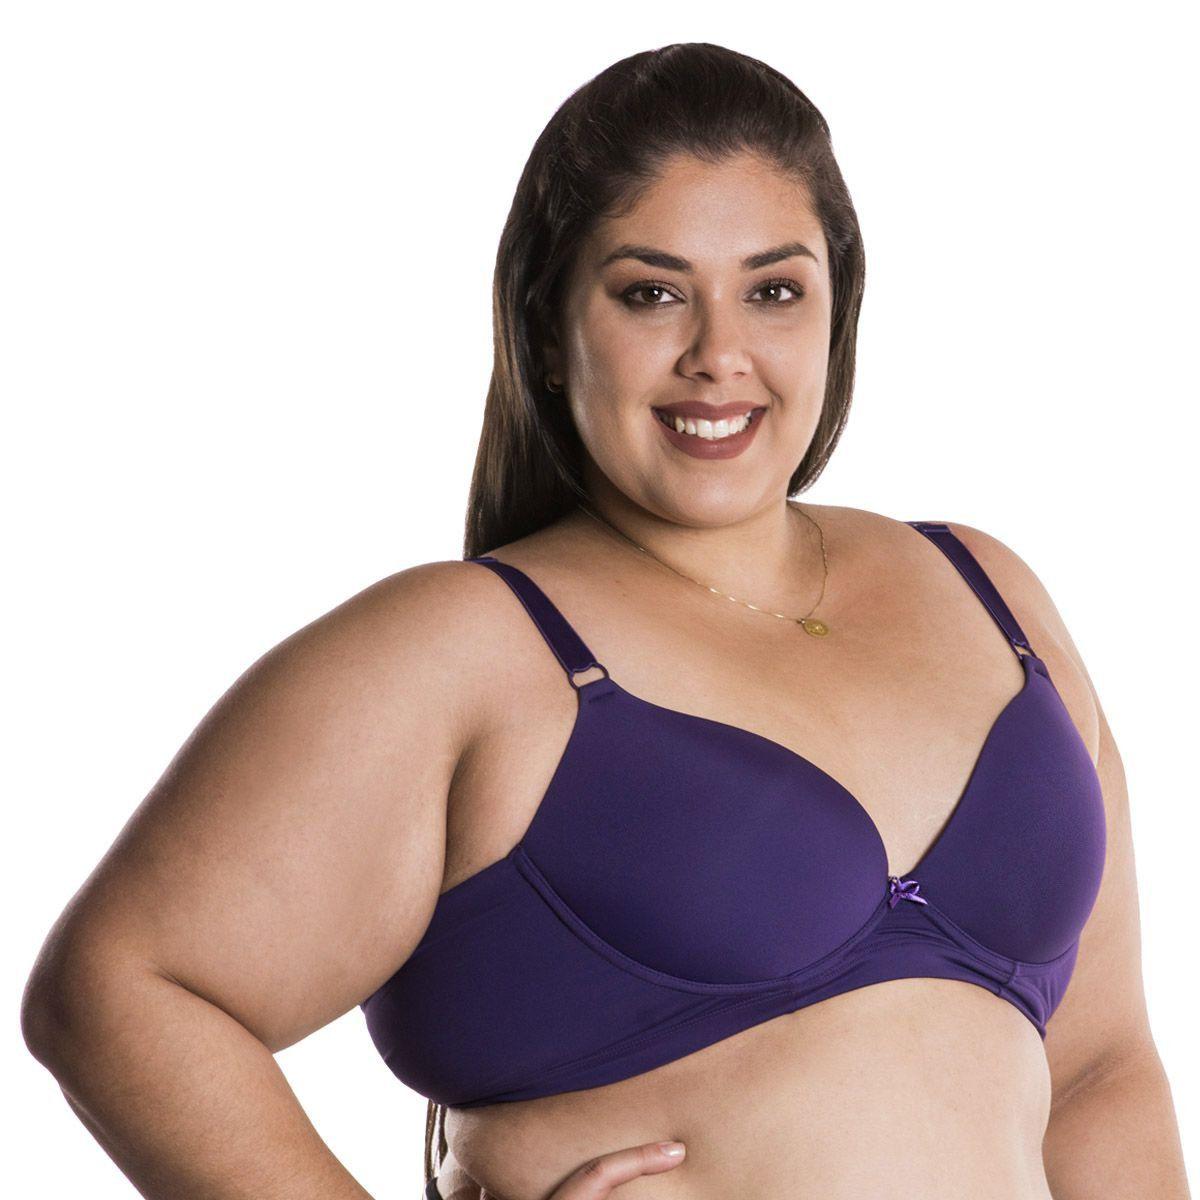 Sutiã reforçado plus size sustentação - copa C (bojo maior) Nayane Rodrigues